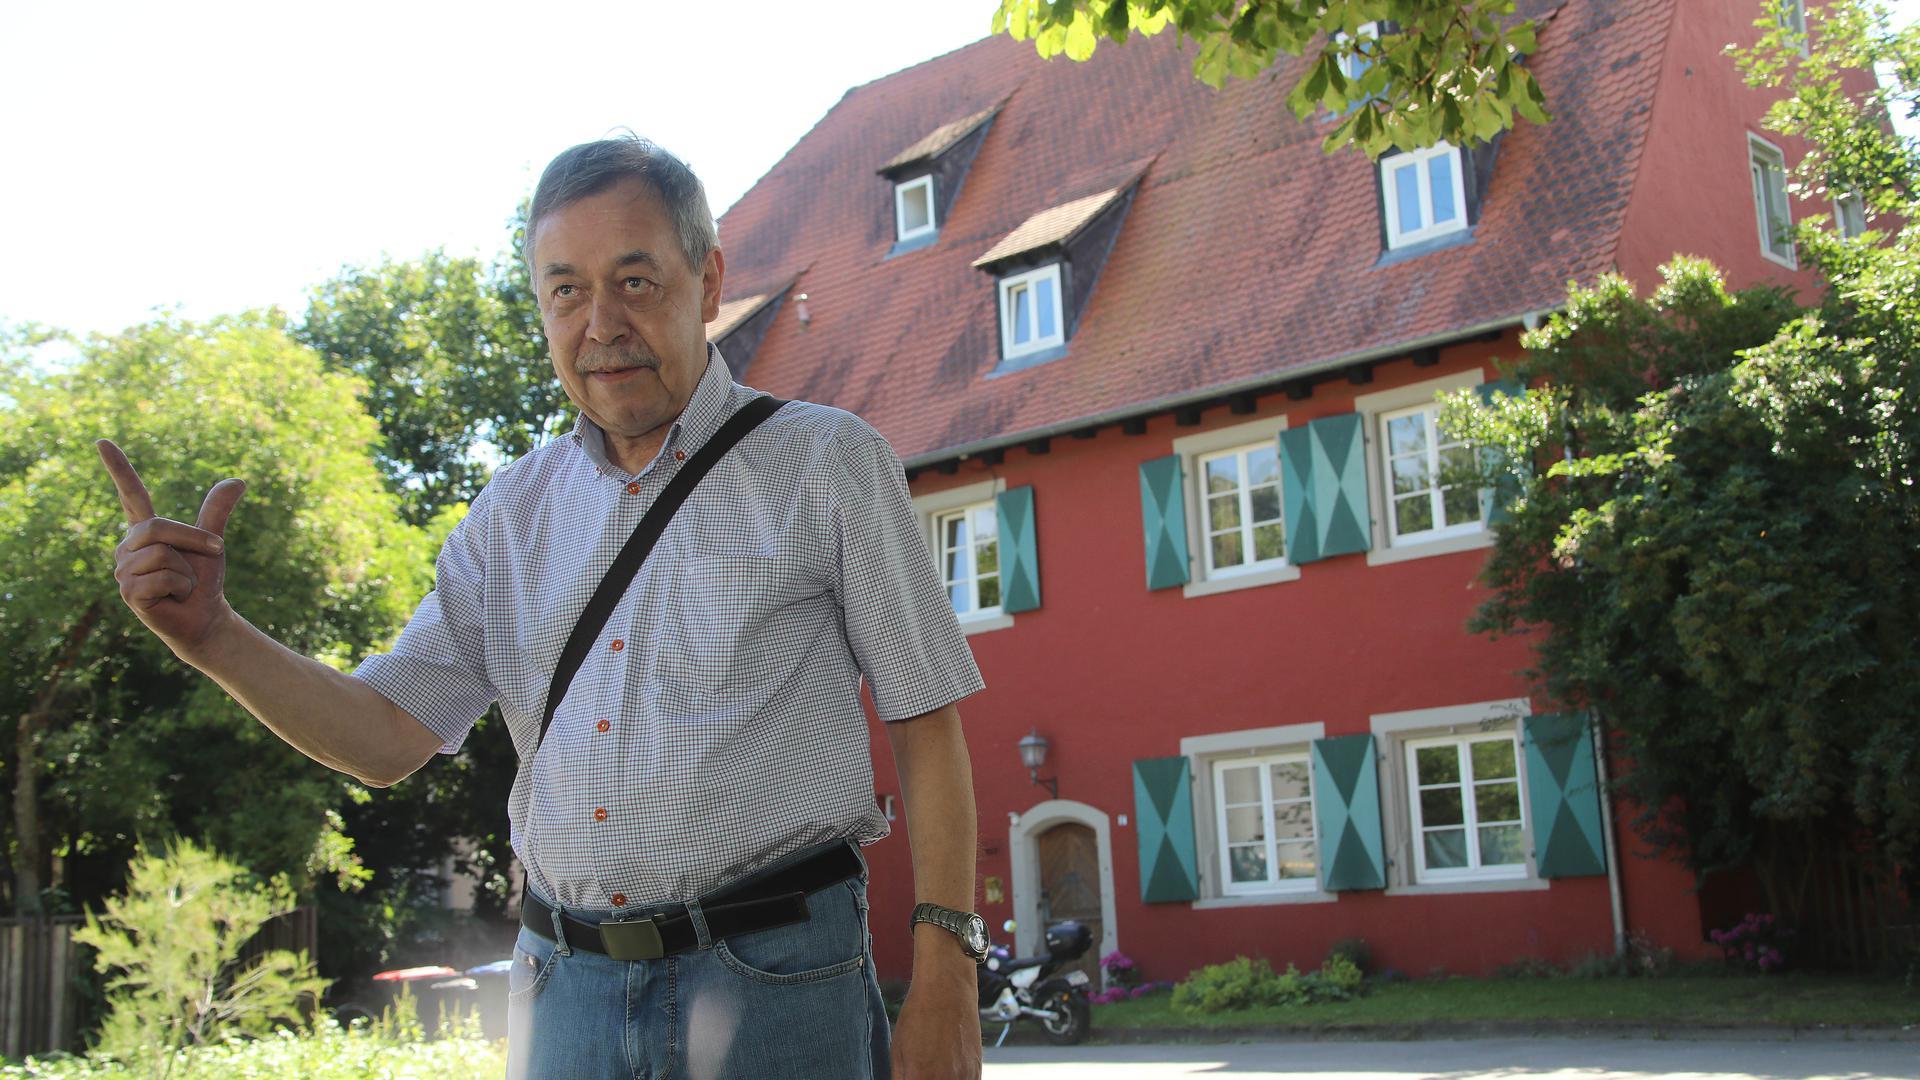 BNN-Leser Norbert Huxel vor dem Roten Haus, einem Relikt des Schlosses Rüppurr.